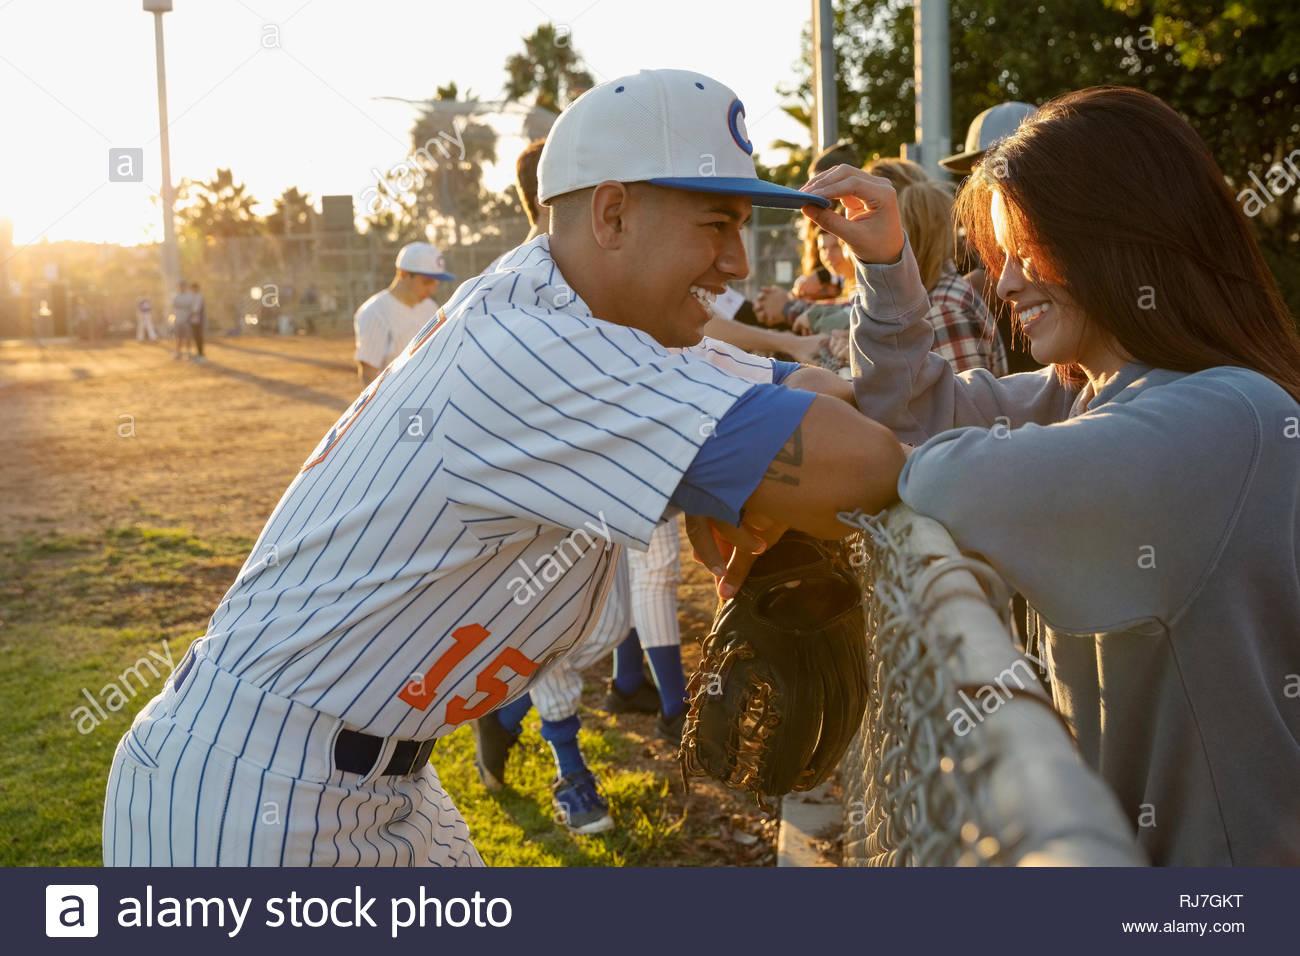 Feliz jugador de béisbol Latinx hablando con mi novia en la regleta Imagen De Stock